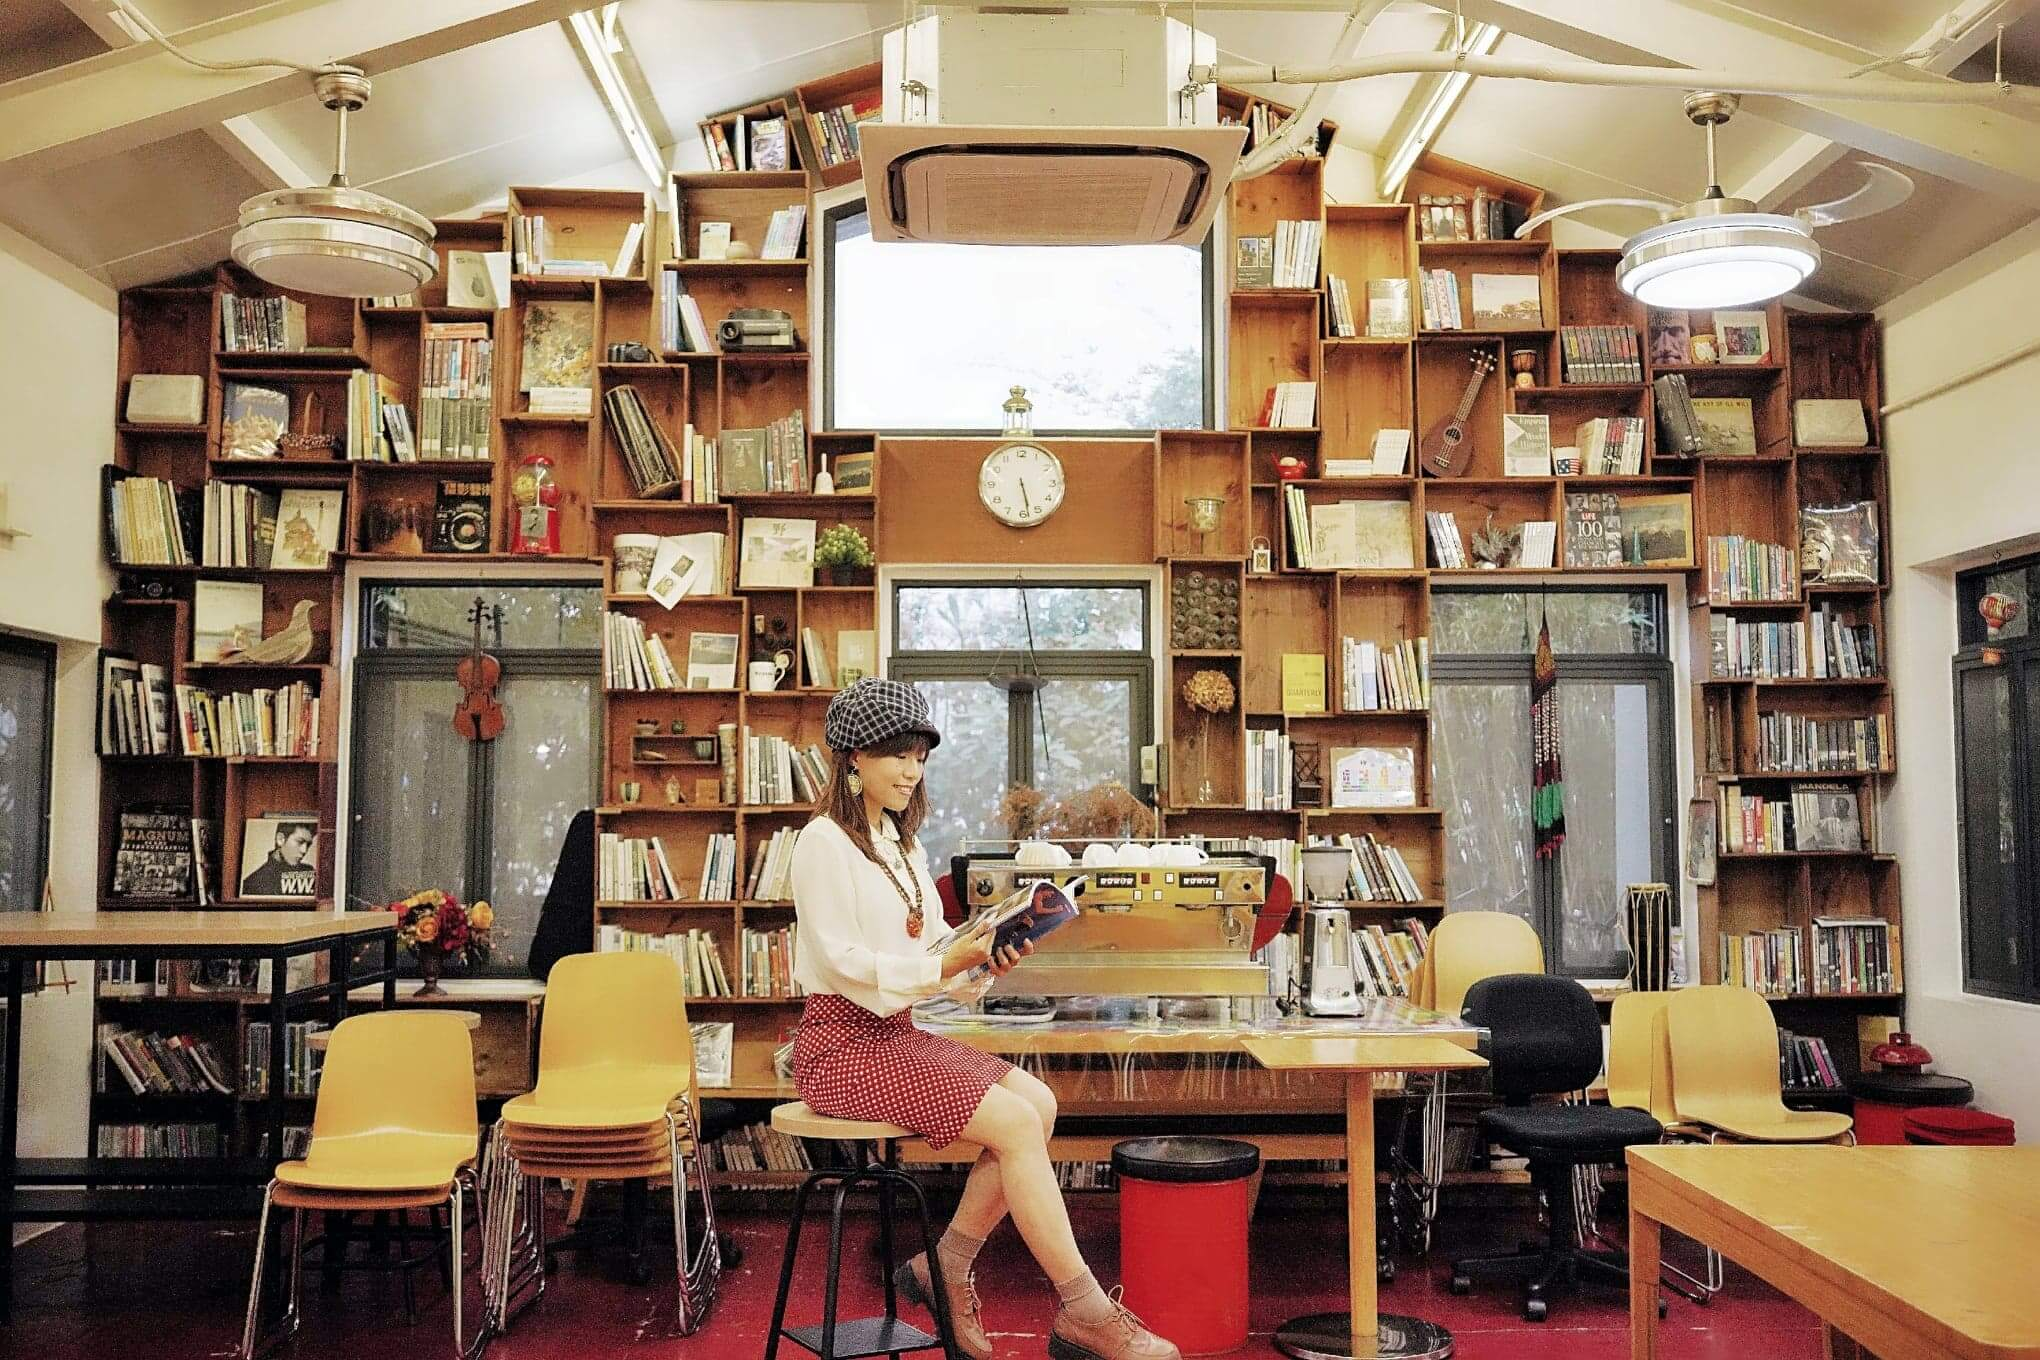 充滿懷舊氣氛的圖書館,令人著迷。